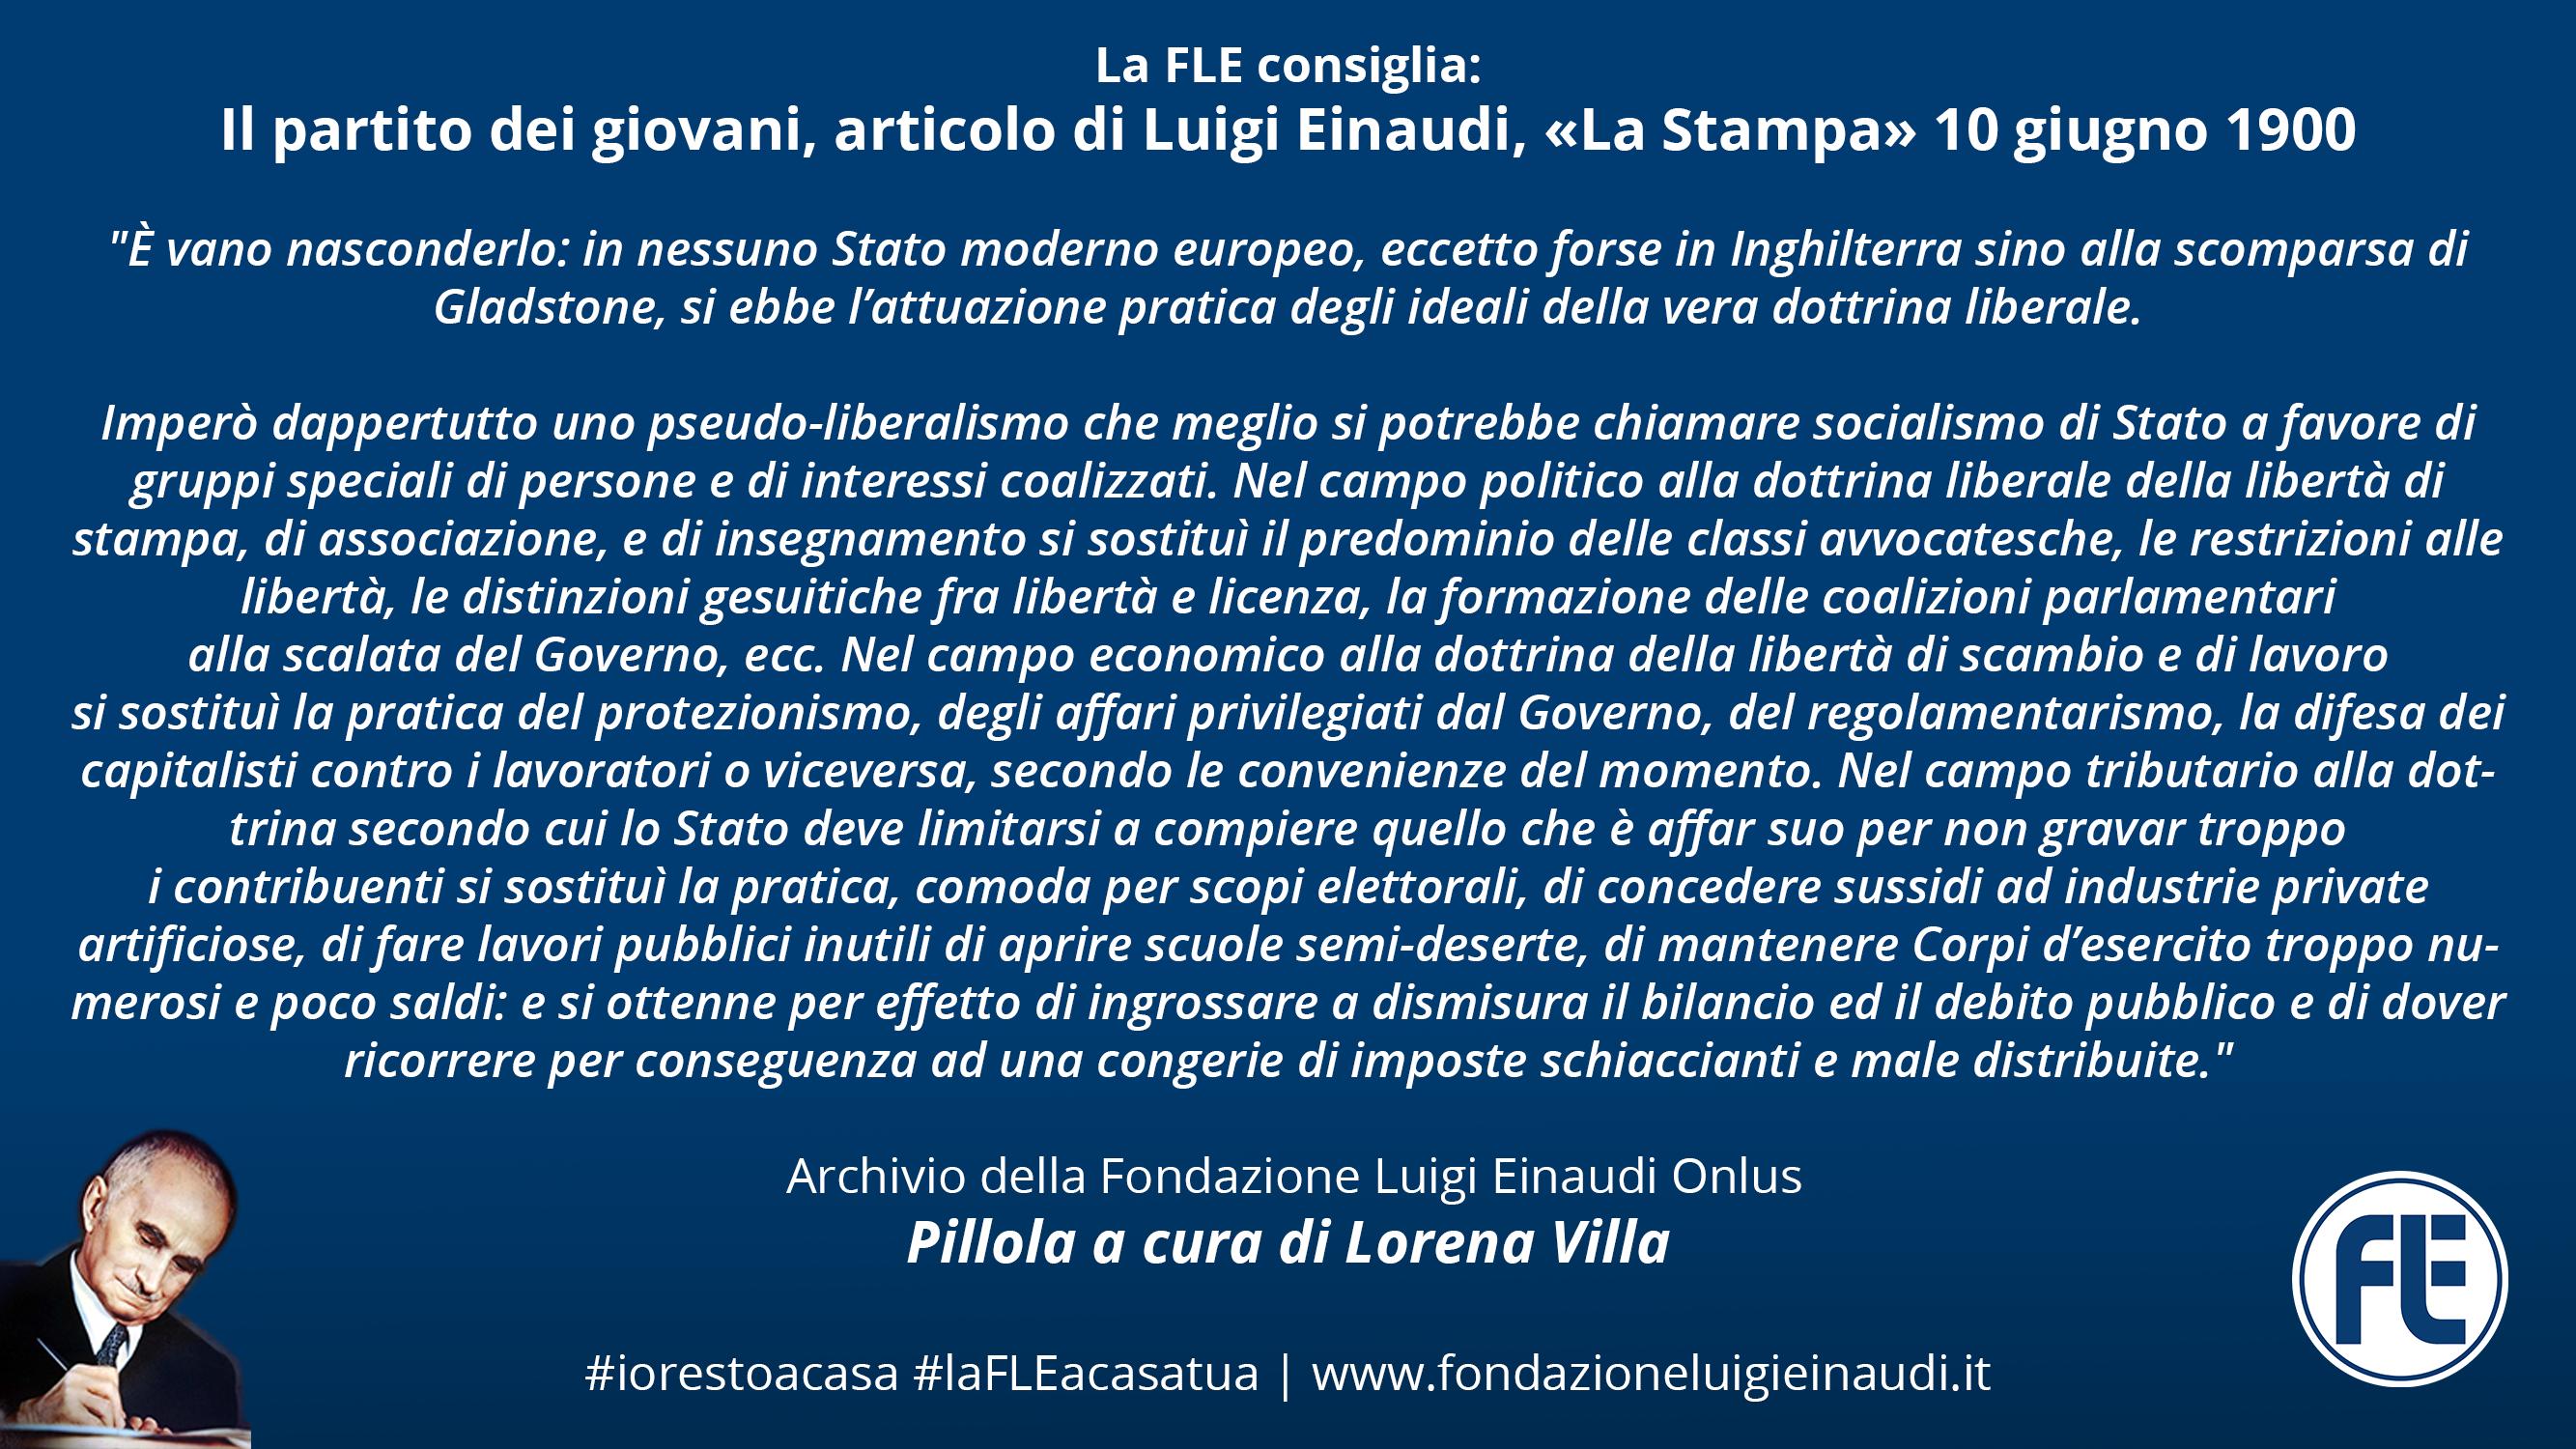 #laFLEacasatua – Il partito dei giovani, articolo di Luigi Einaudi